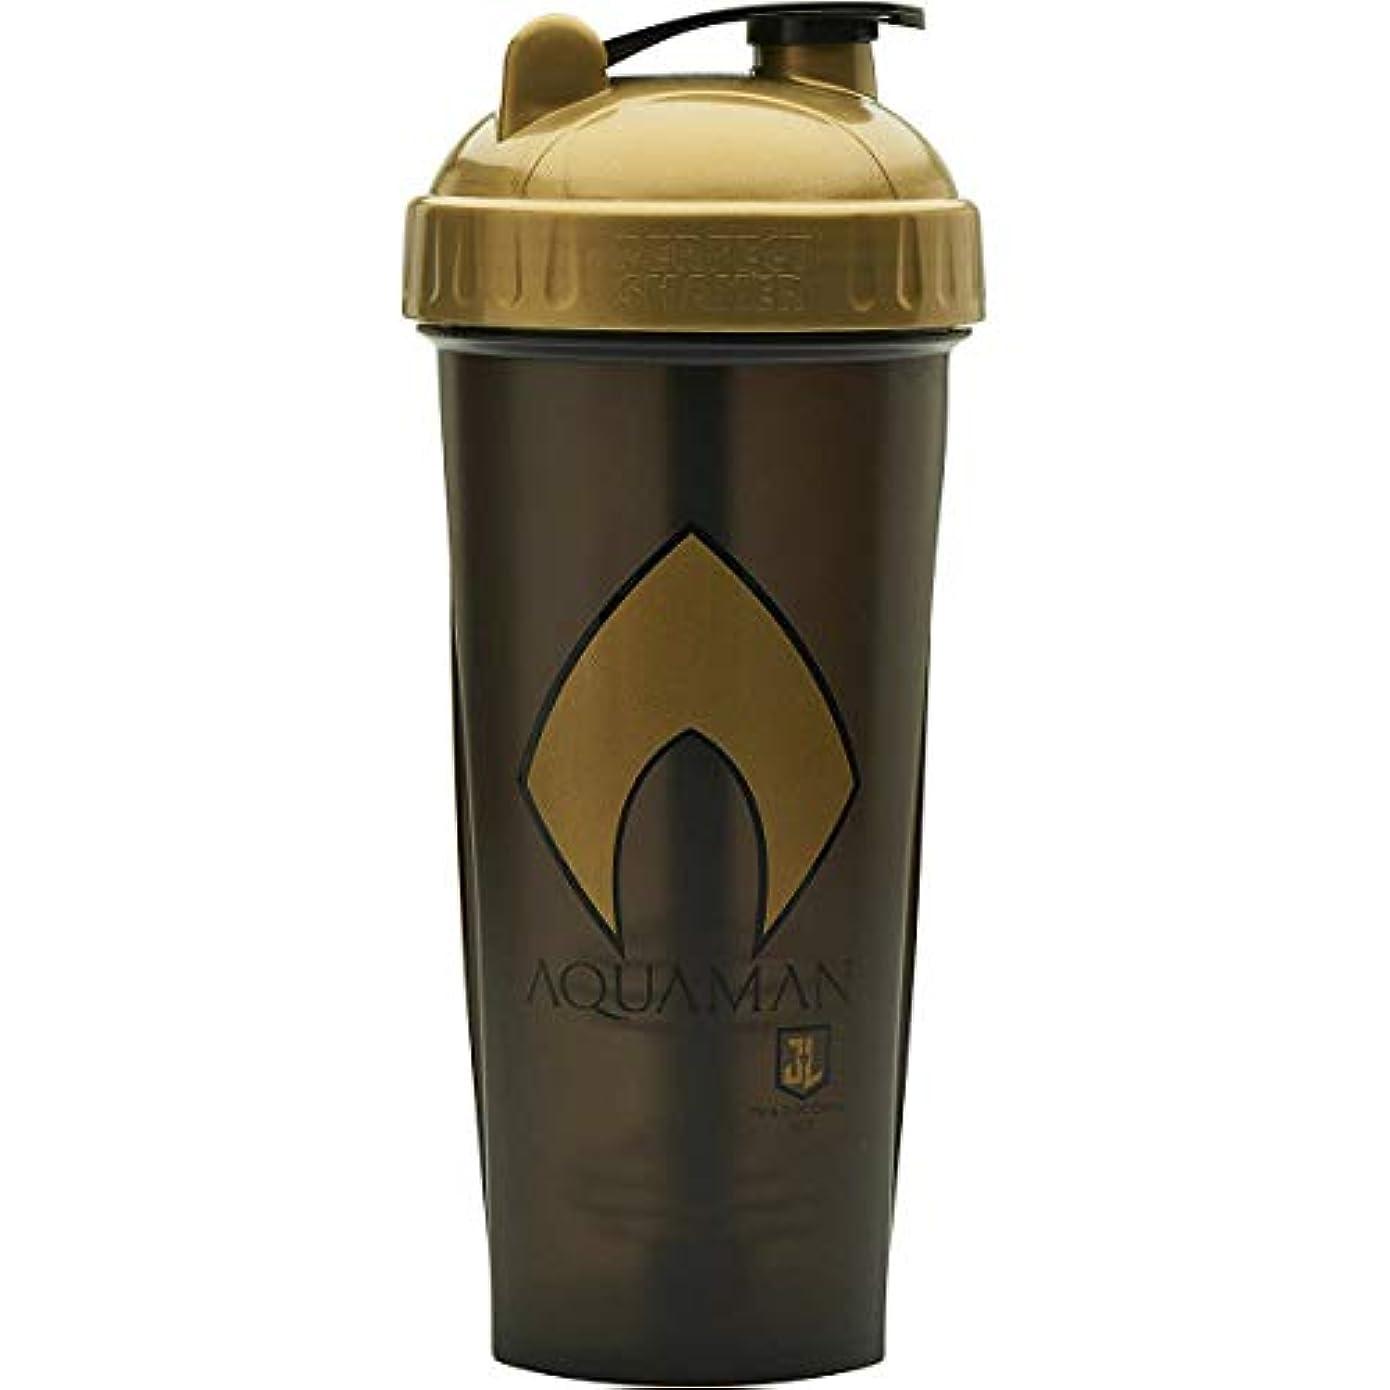 請求可能バルコニーシダBOT-55 ボトル シェイカー プロテイン 水筒 筋トレ ジム ブレンダ― ミキサー ヒーロー 800ml (BOT-55)